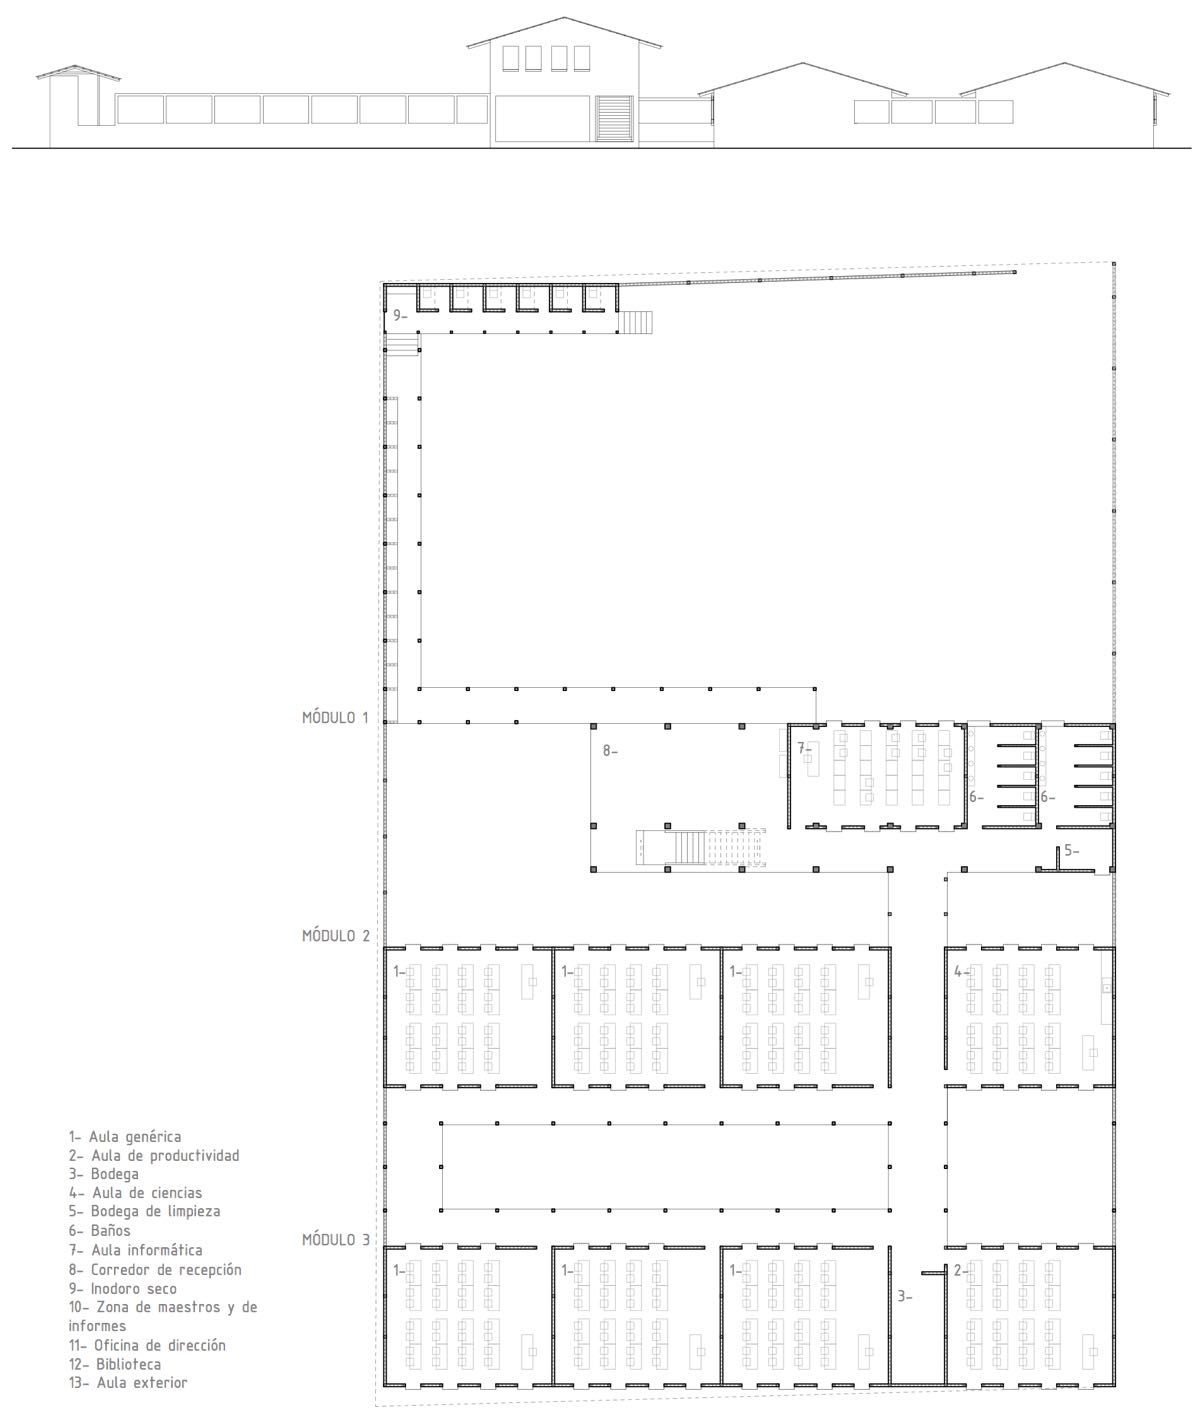 2011 INEB Nueva Cajolá planos